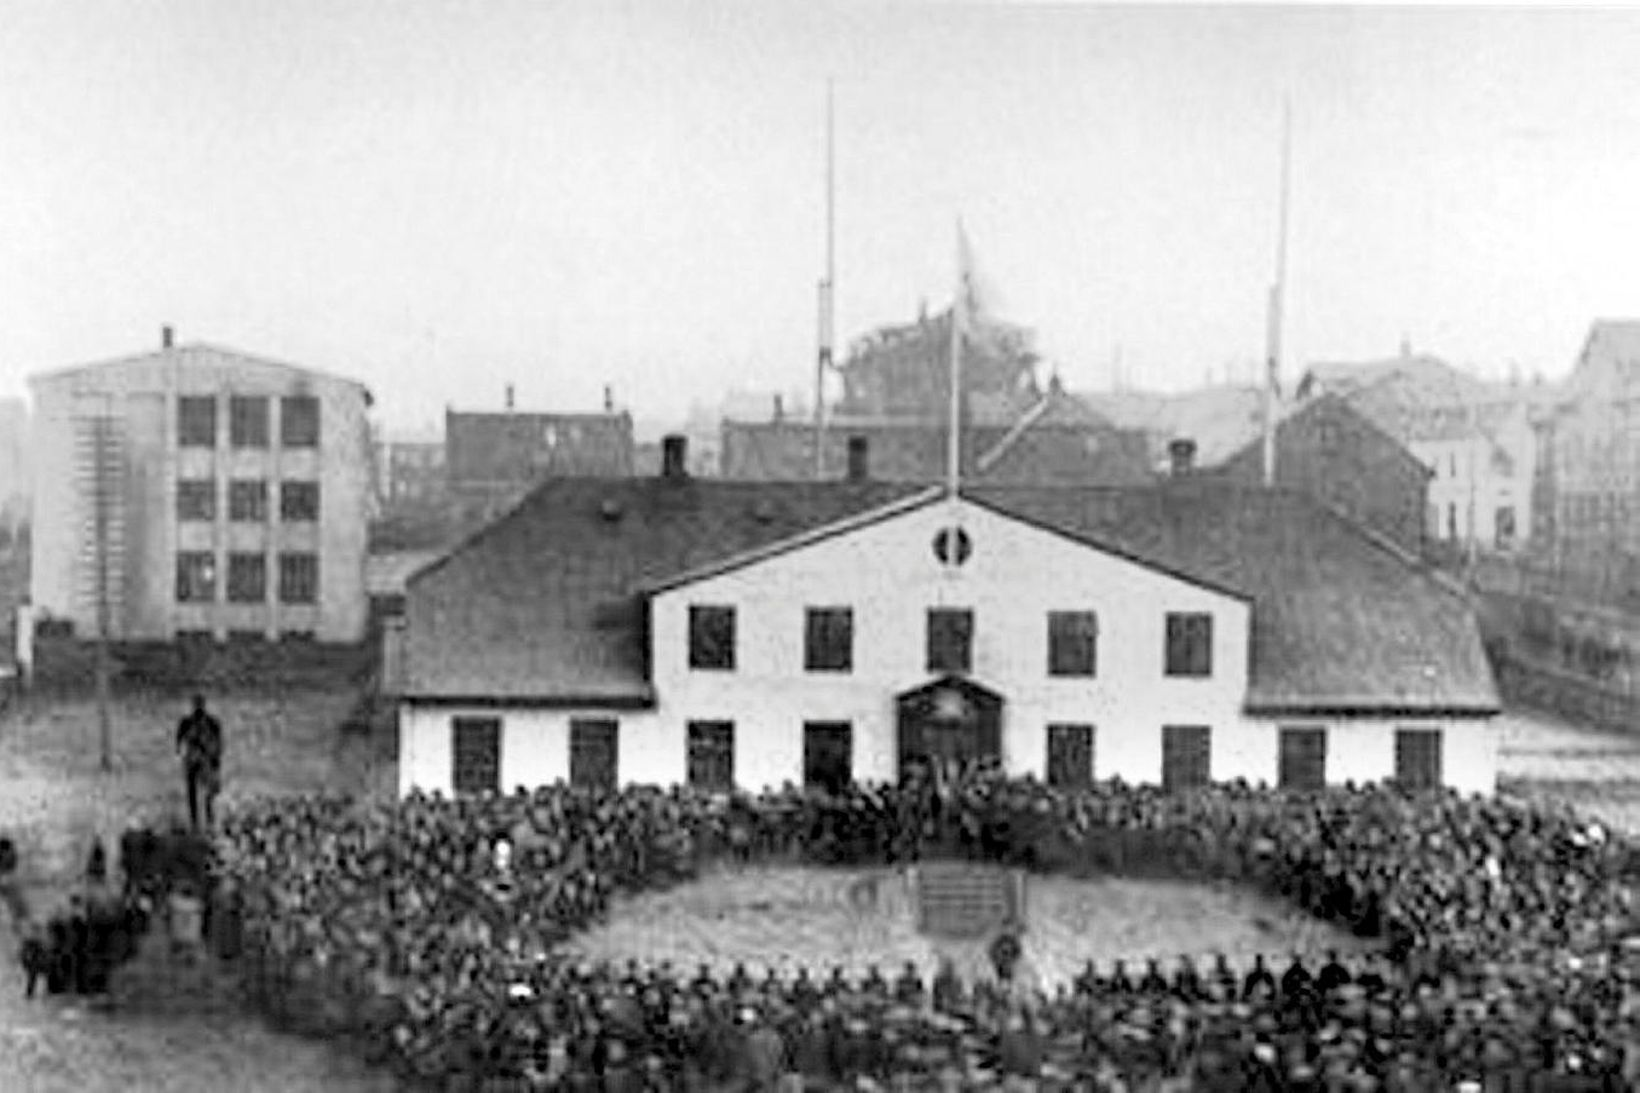 Fullveldi Íslands fagnað 1. desember 1918, í skugga spænsku veikinnar …